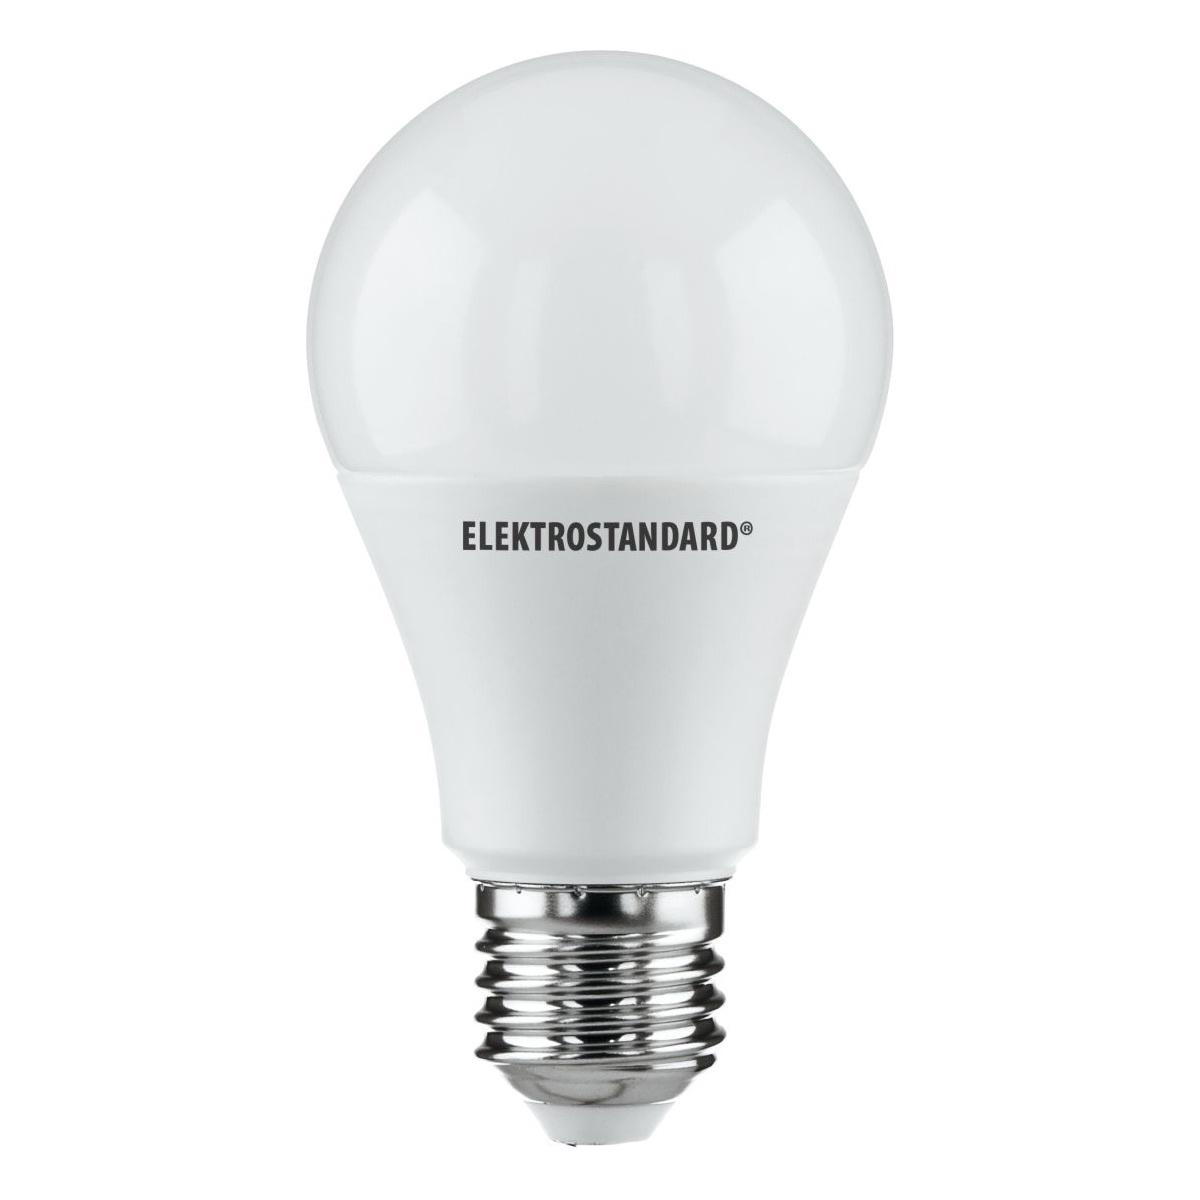 Лампочка Elektrostandard светодиодная Classic LED D 15W 6500K E27, Холодный свет 15 Вт, Светодиодная лампы светодиодная elektrostandard classic led d 7w 4200k e27